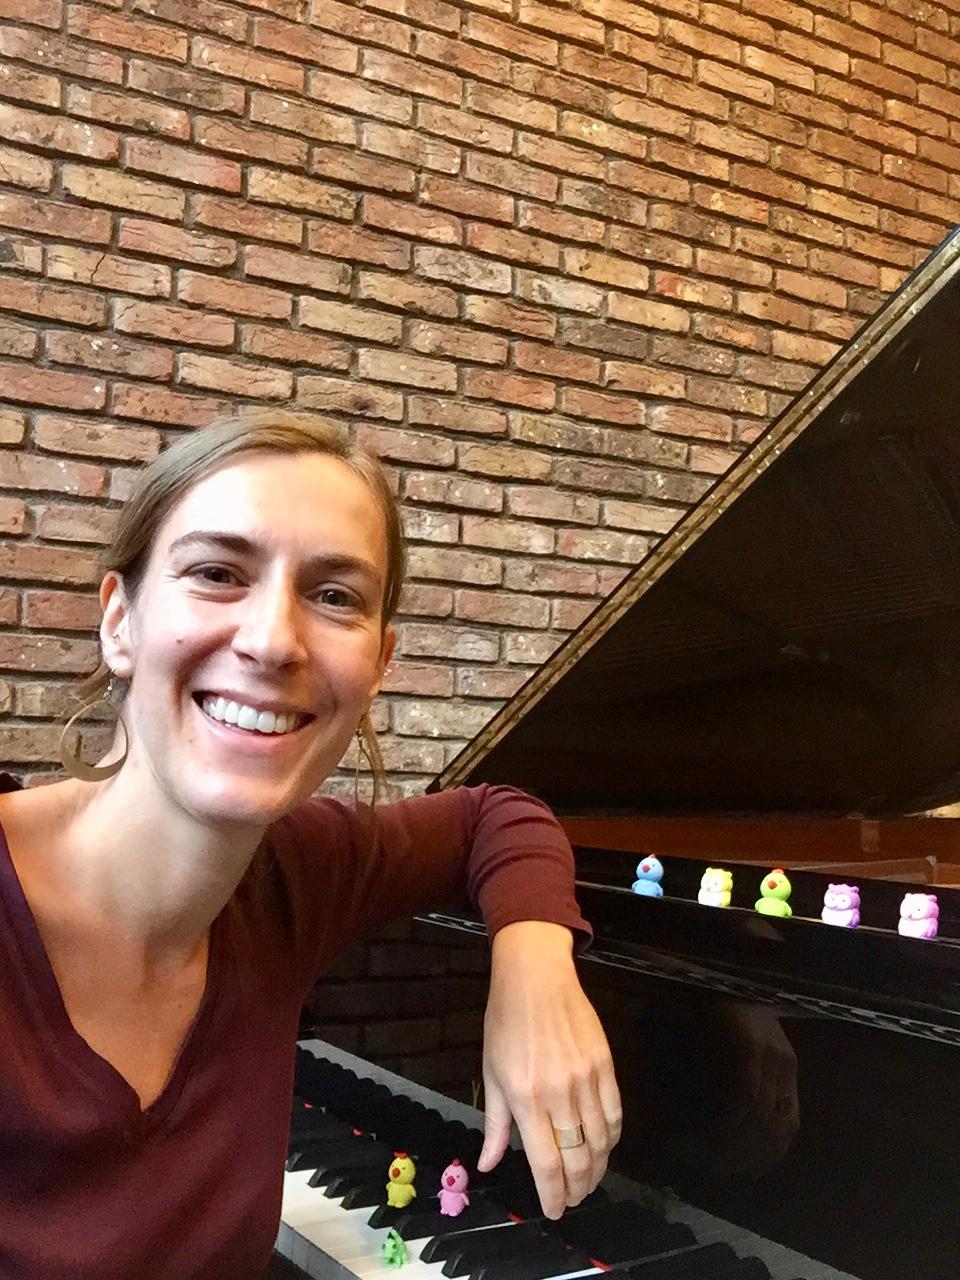 Els Becu aan een piano